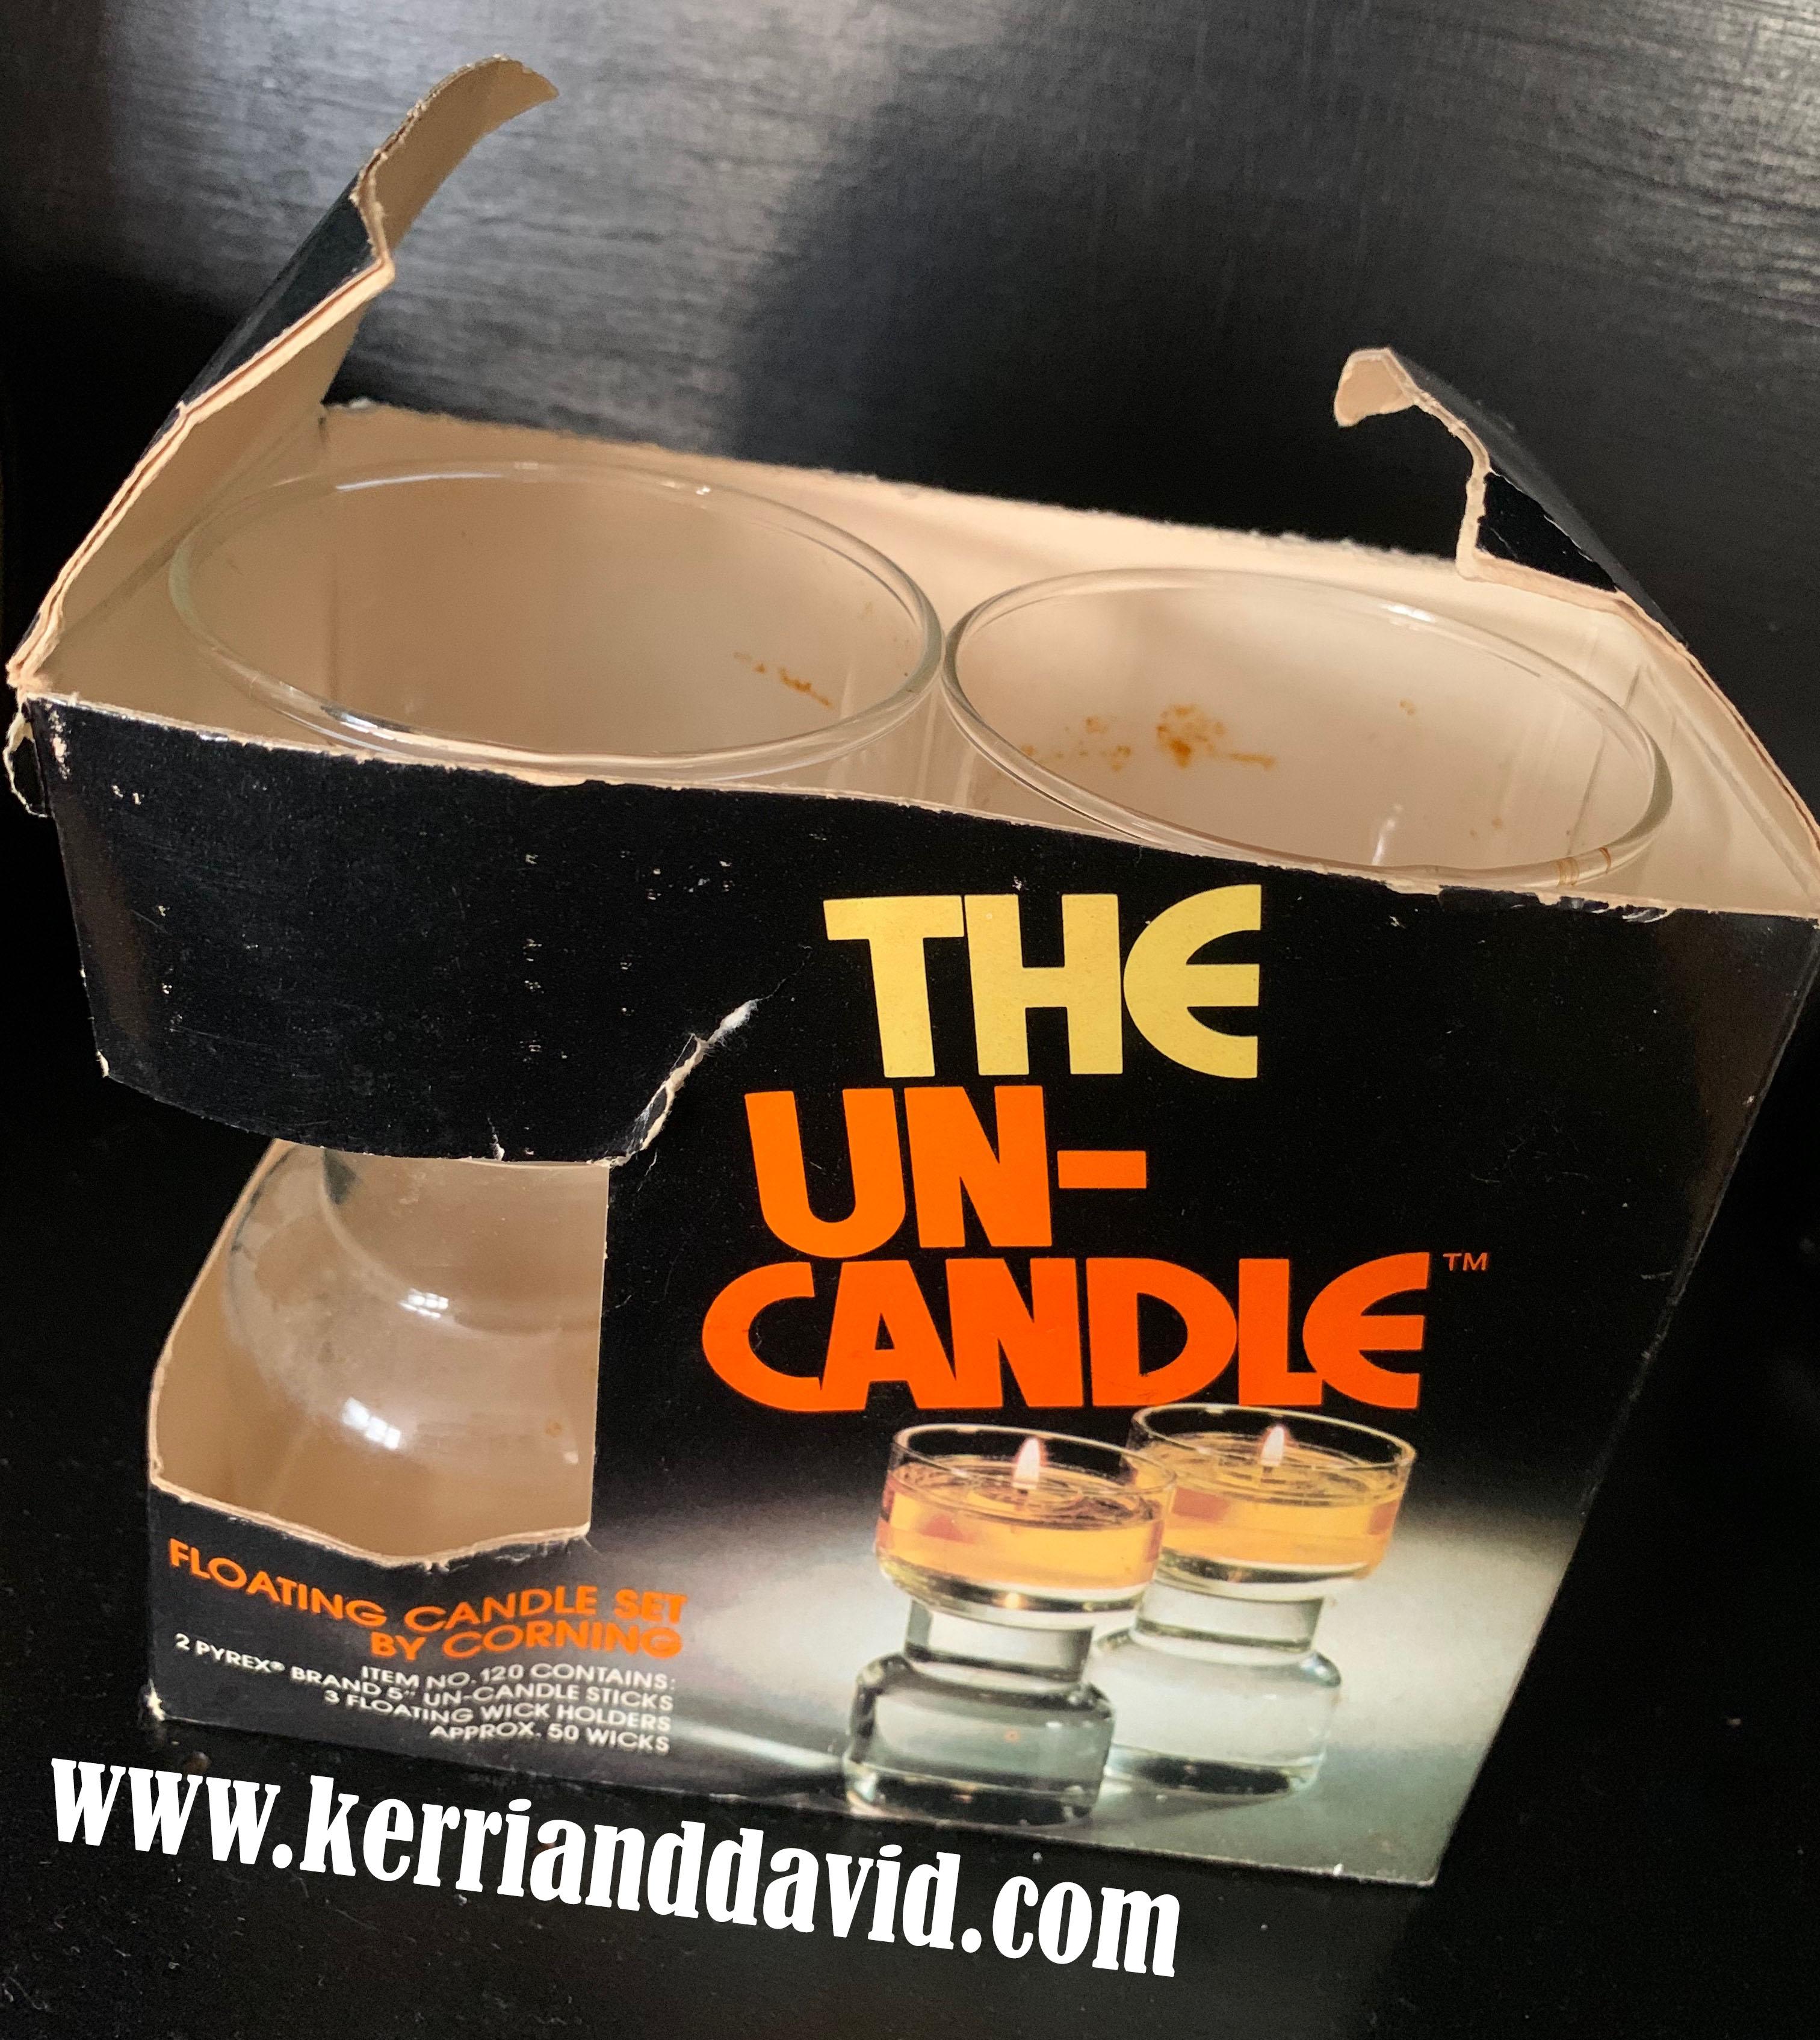 uncandle website box